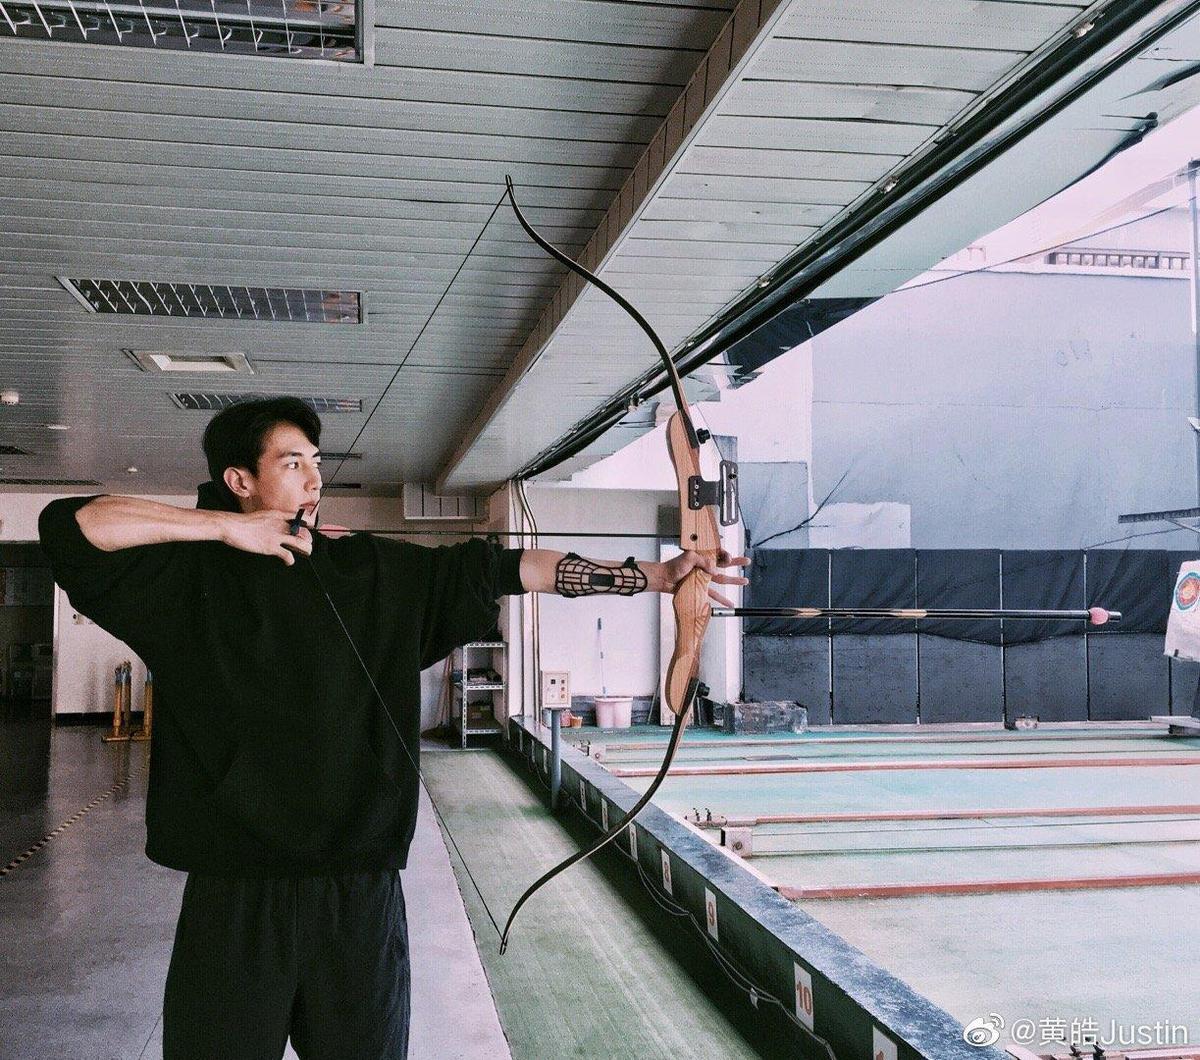 黃皓曾貼出自己的射箭照,高大英挺。(翻攝自黃皓微博)